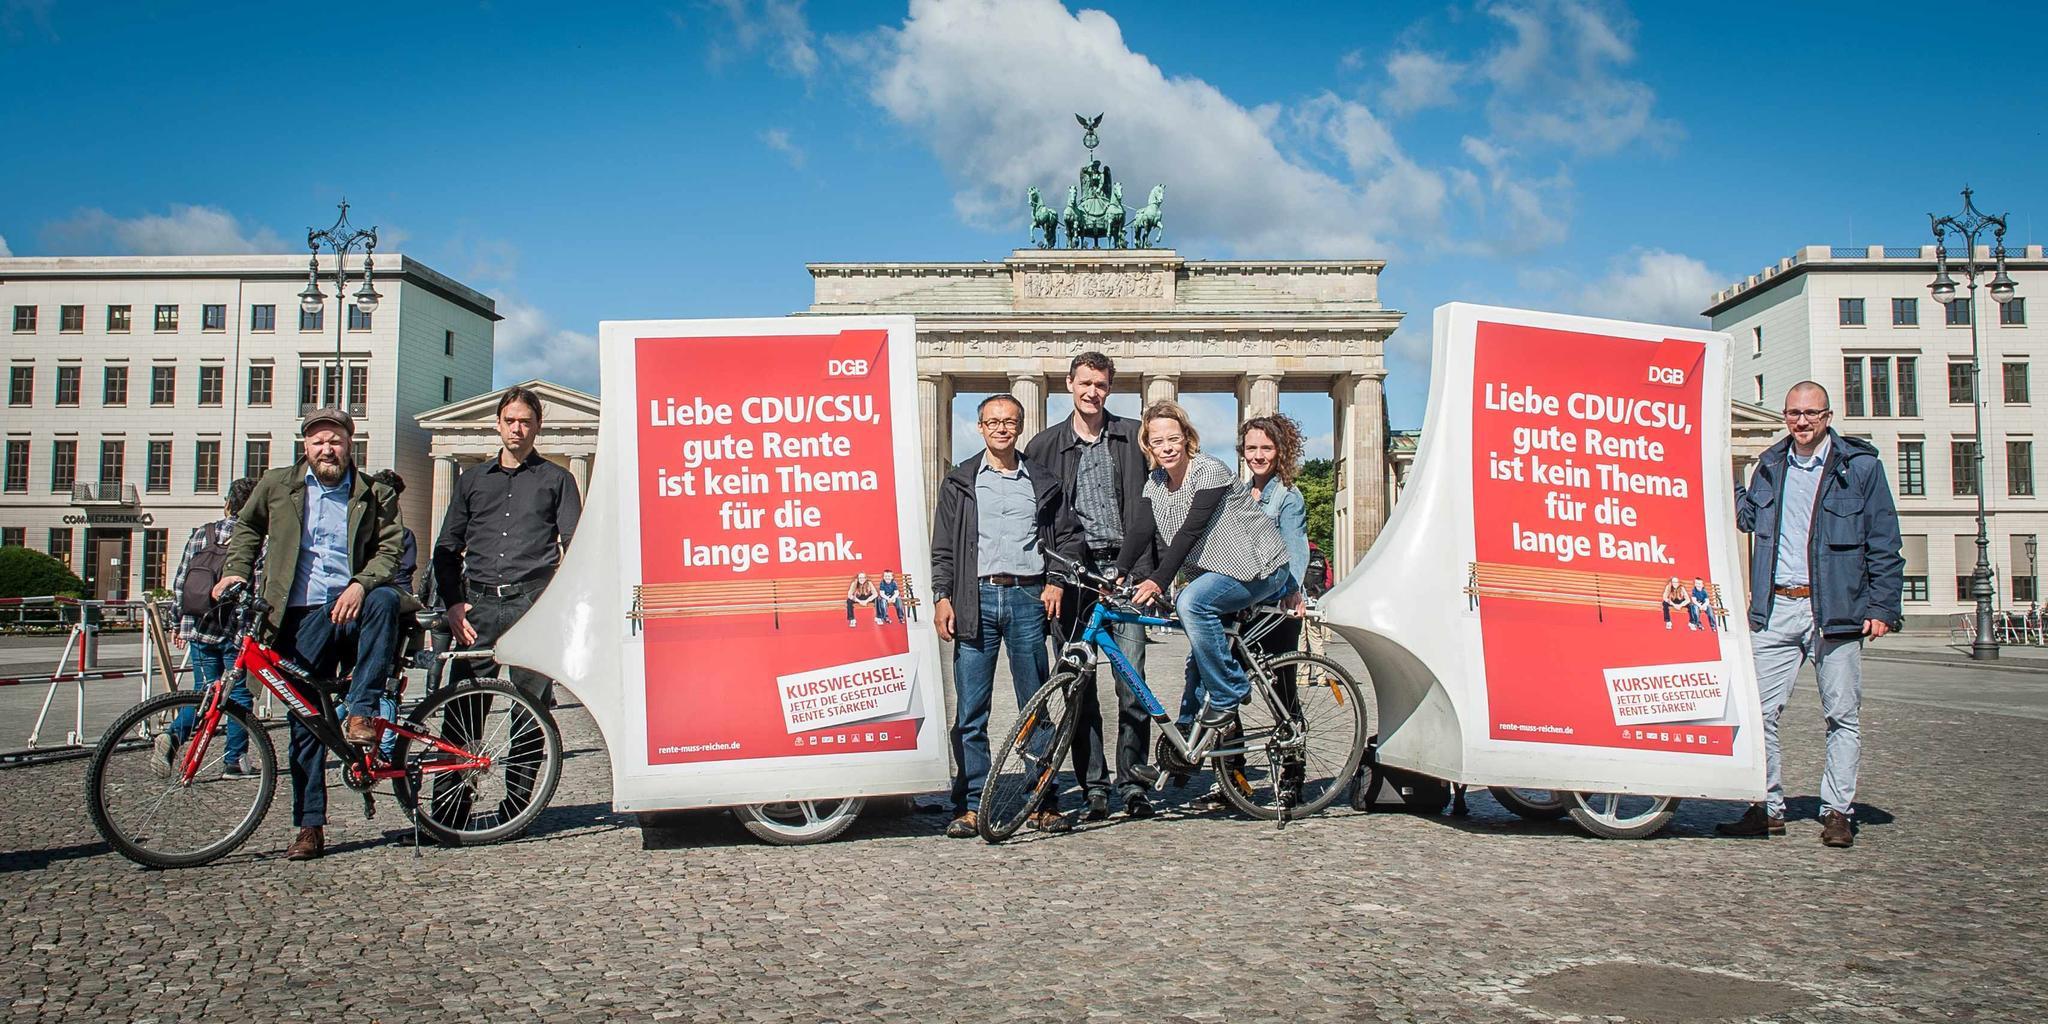 """Menschen mit Transparent """"Rente - Kurswechsel jetzt! Handeln statt Aussitzen"""" vor dem Brandenburger Tor"""